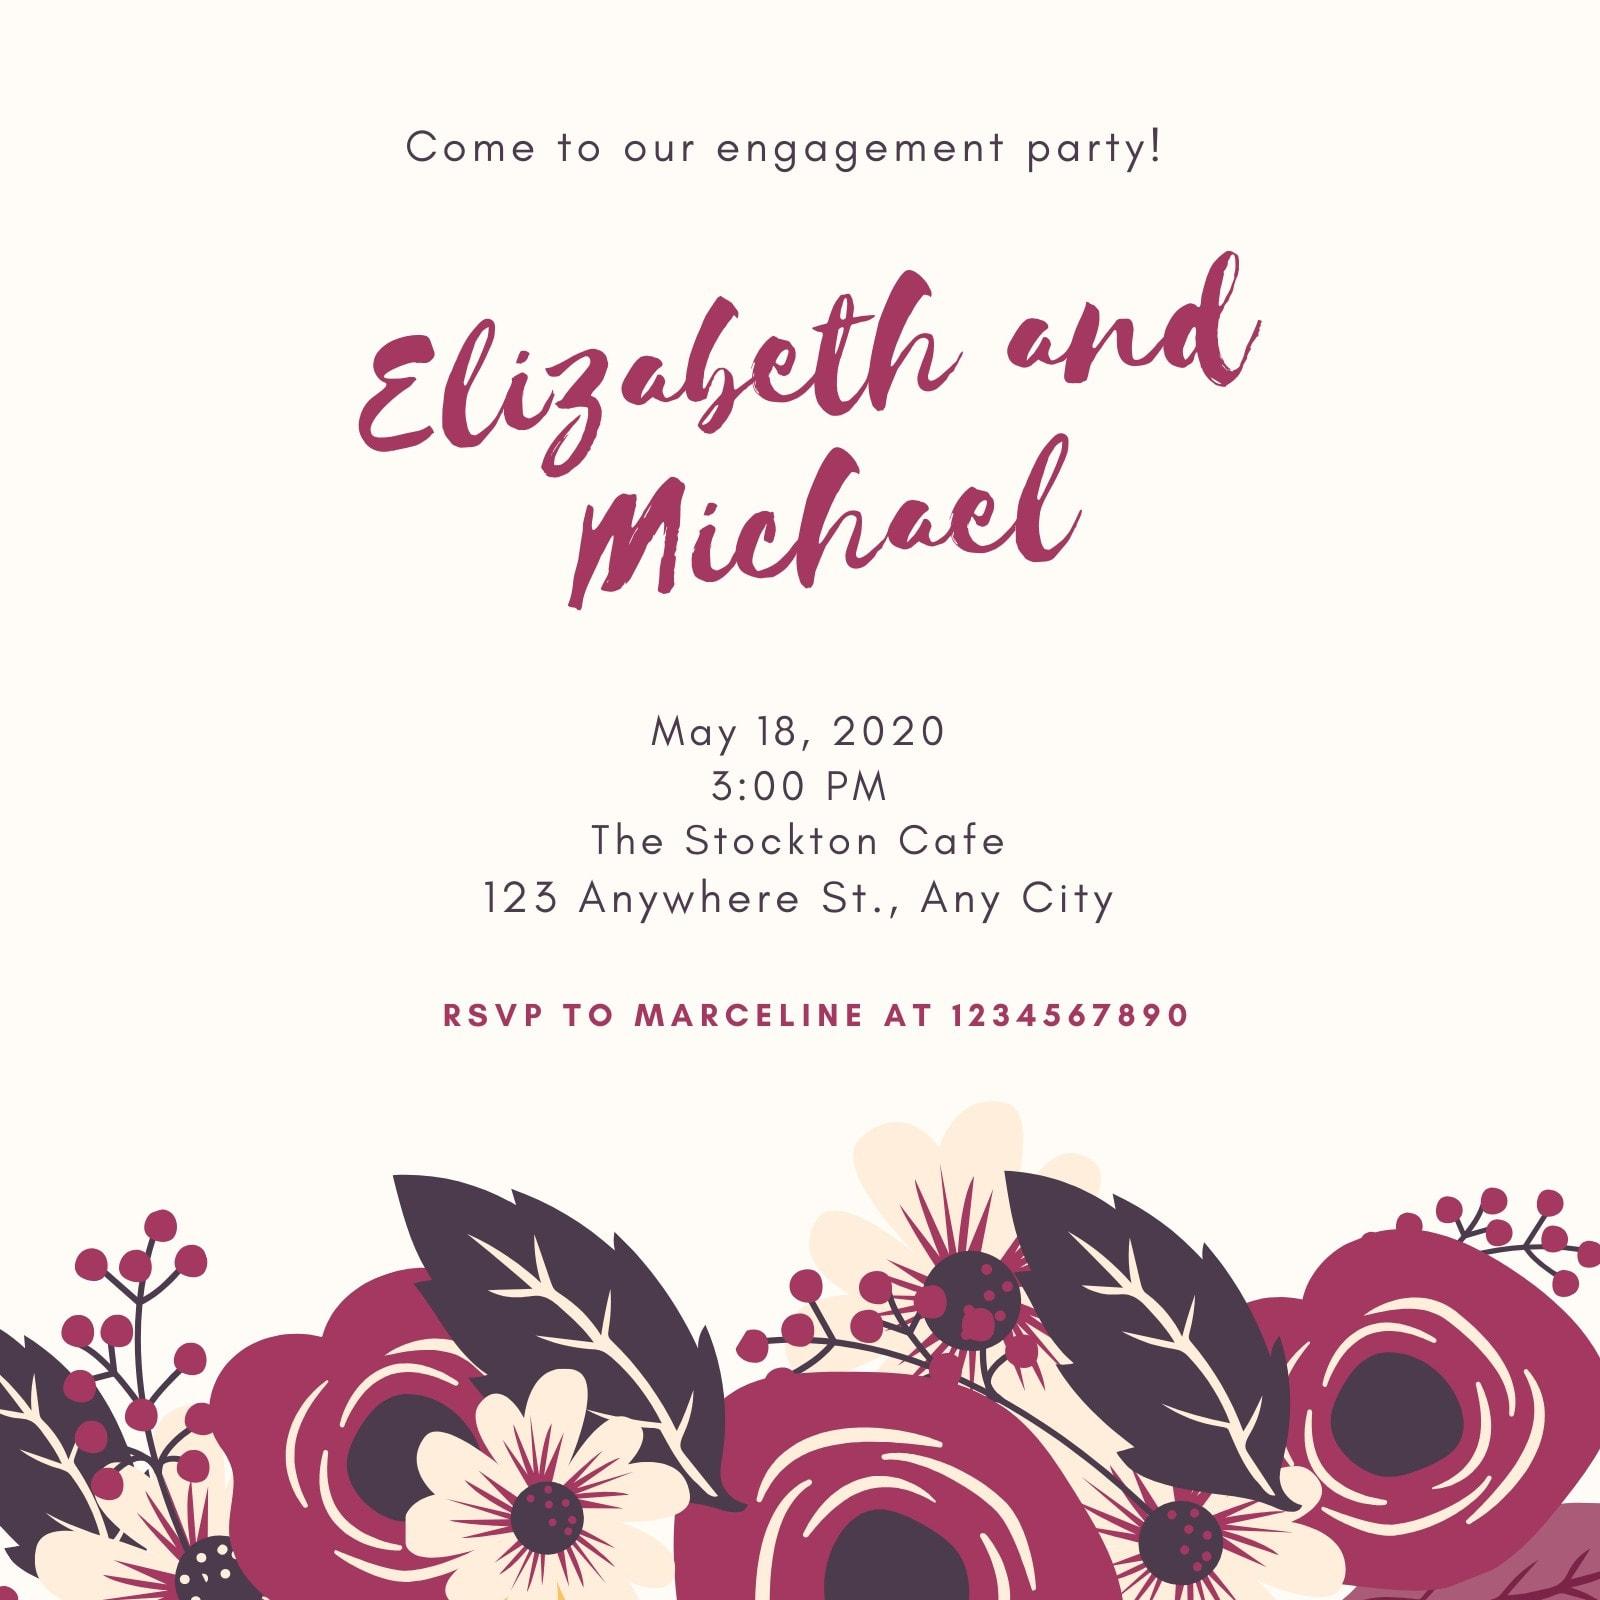 Plum Floral Engagement Party Invitation